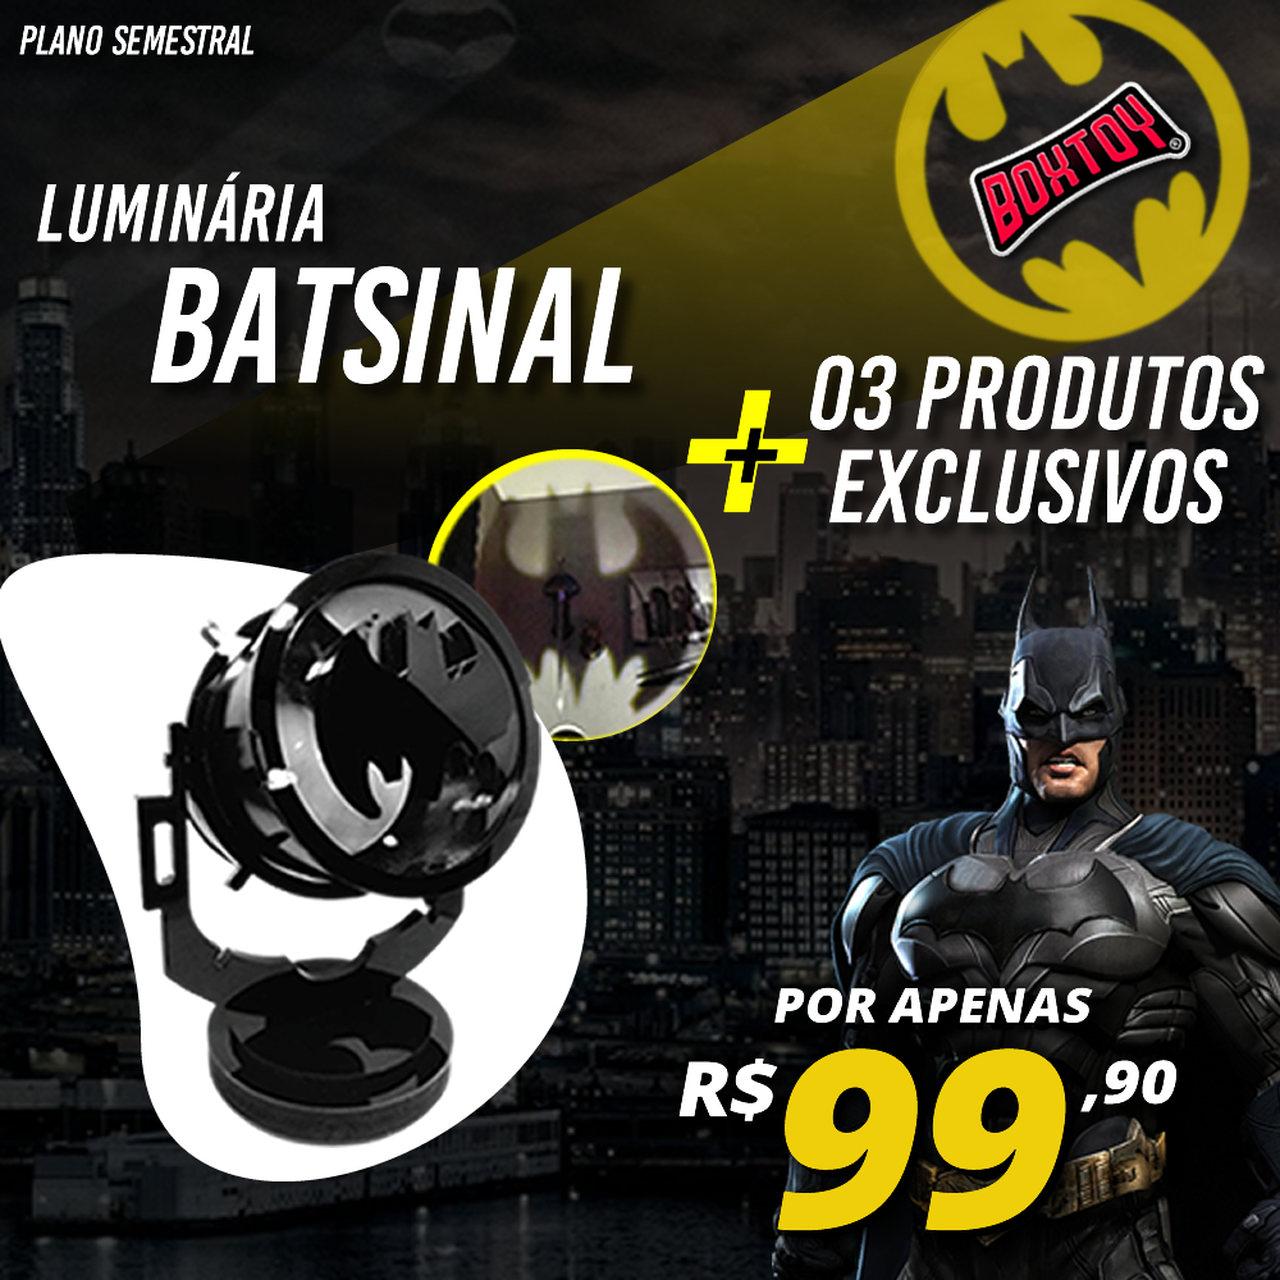 Boxtoy Edição Batman SEMESTRAL  - Boxtoy